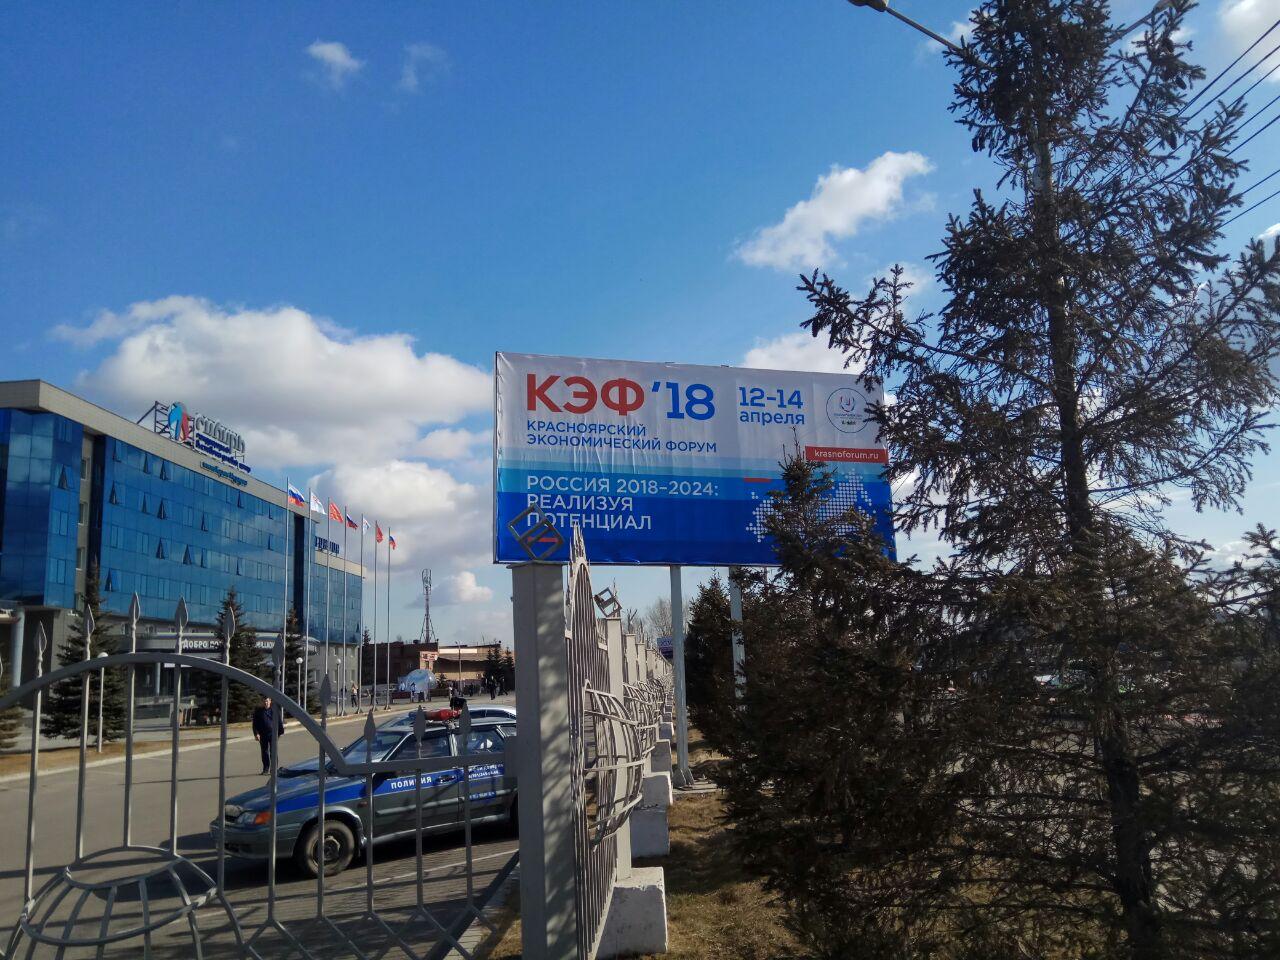 В первый день Красноярского экономического форума начала работу выставка предпринимателей